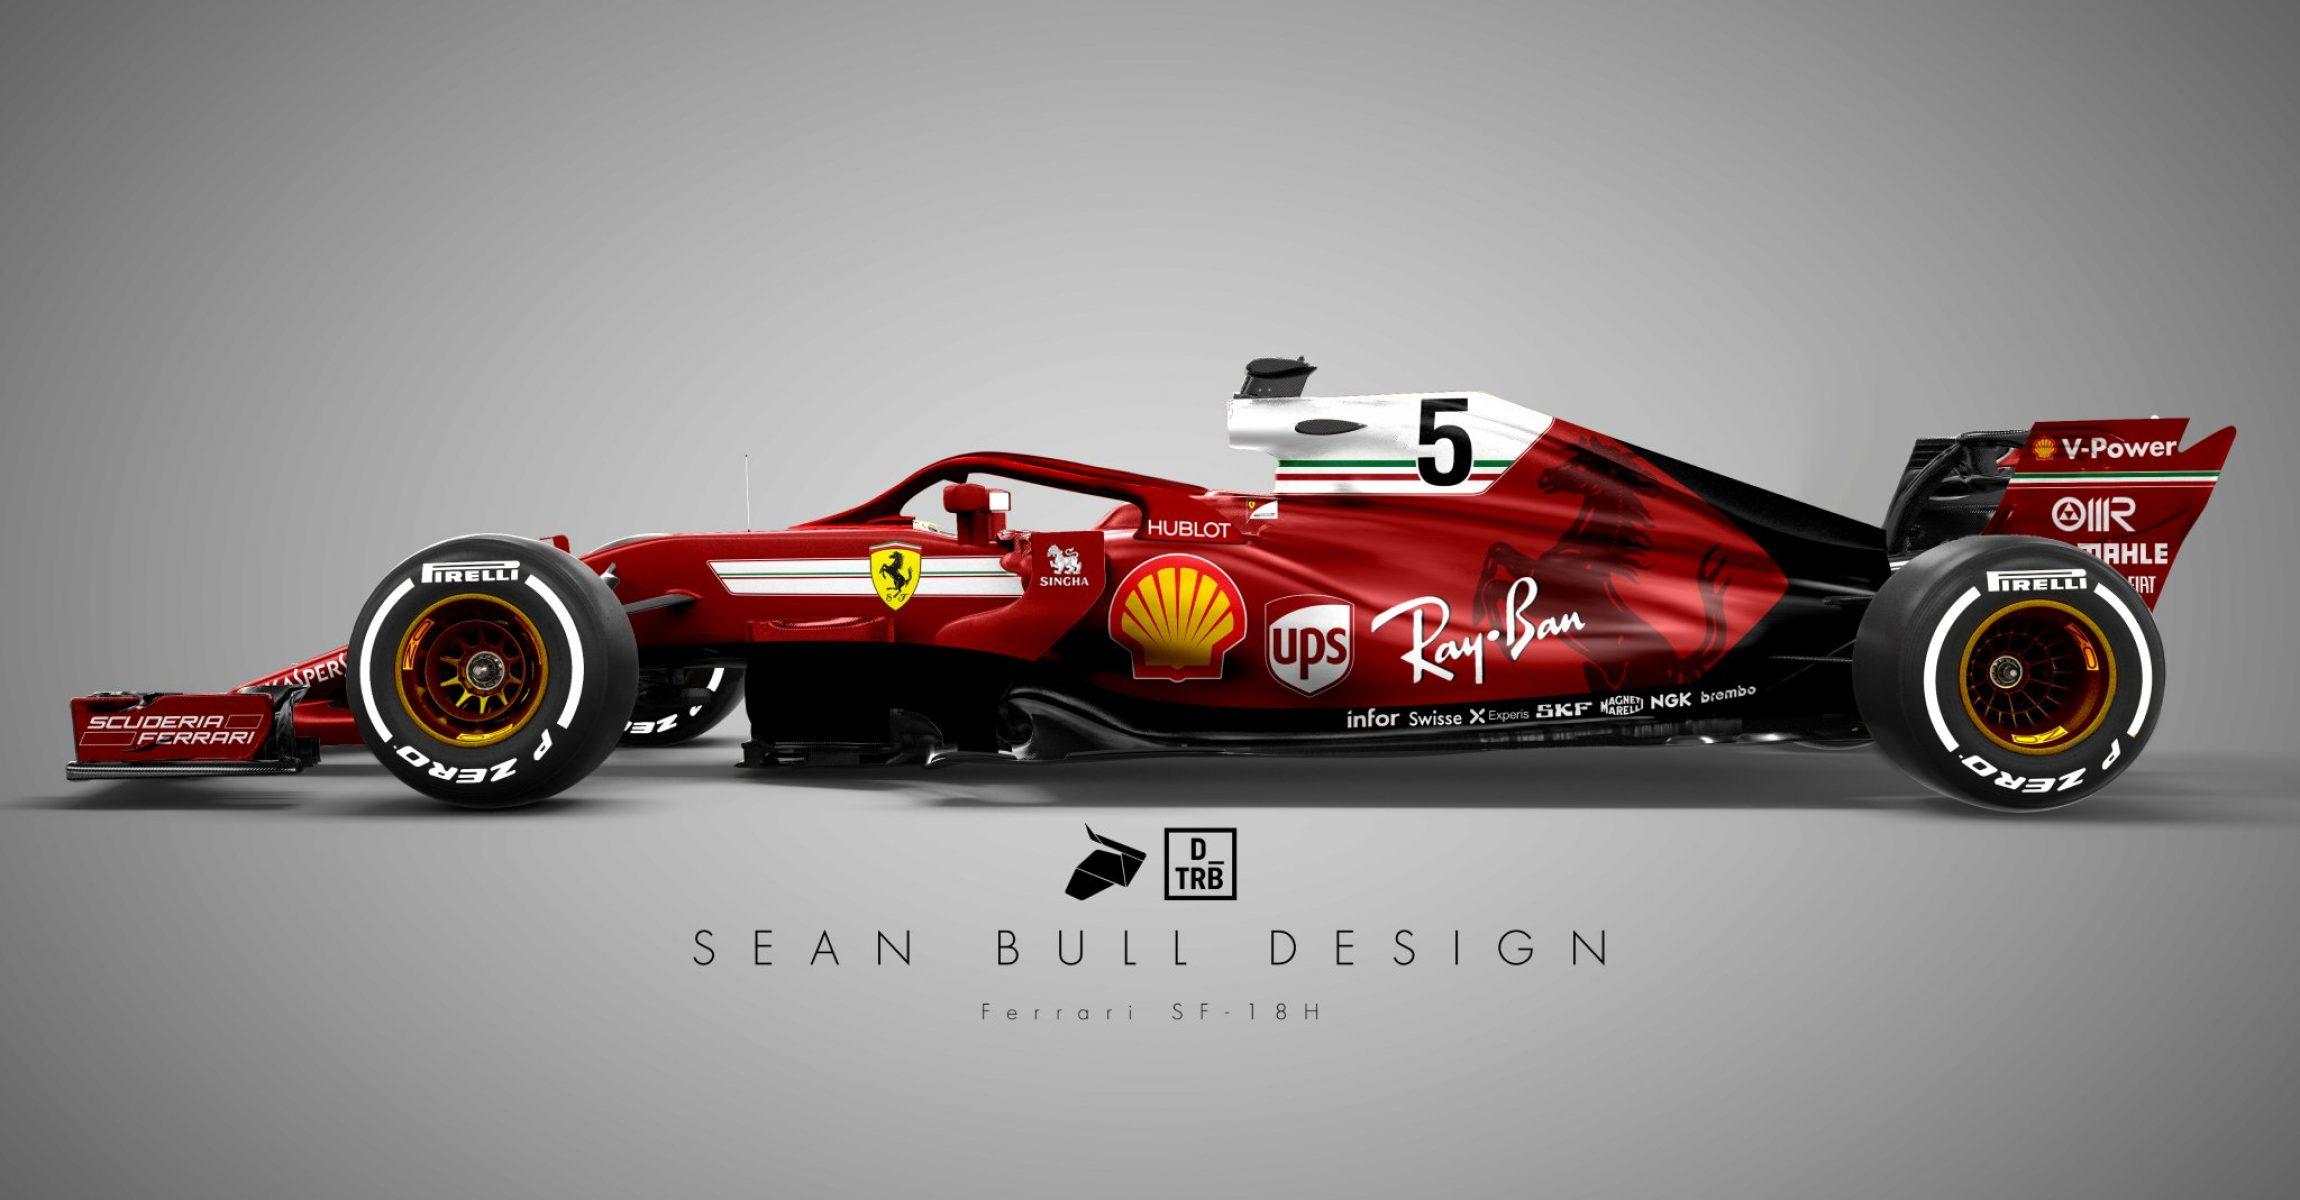 Fotó: Sean Bull Design